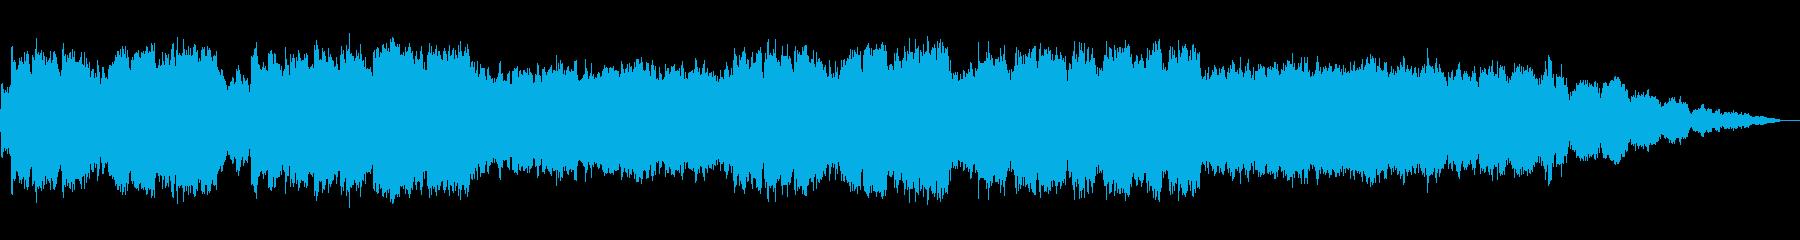 優しい笛の静かなヒーリング音楽の再生済みの波形